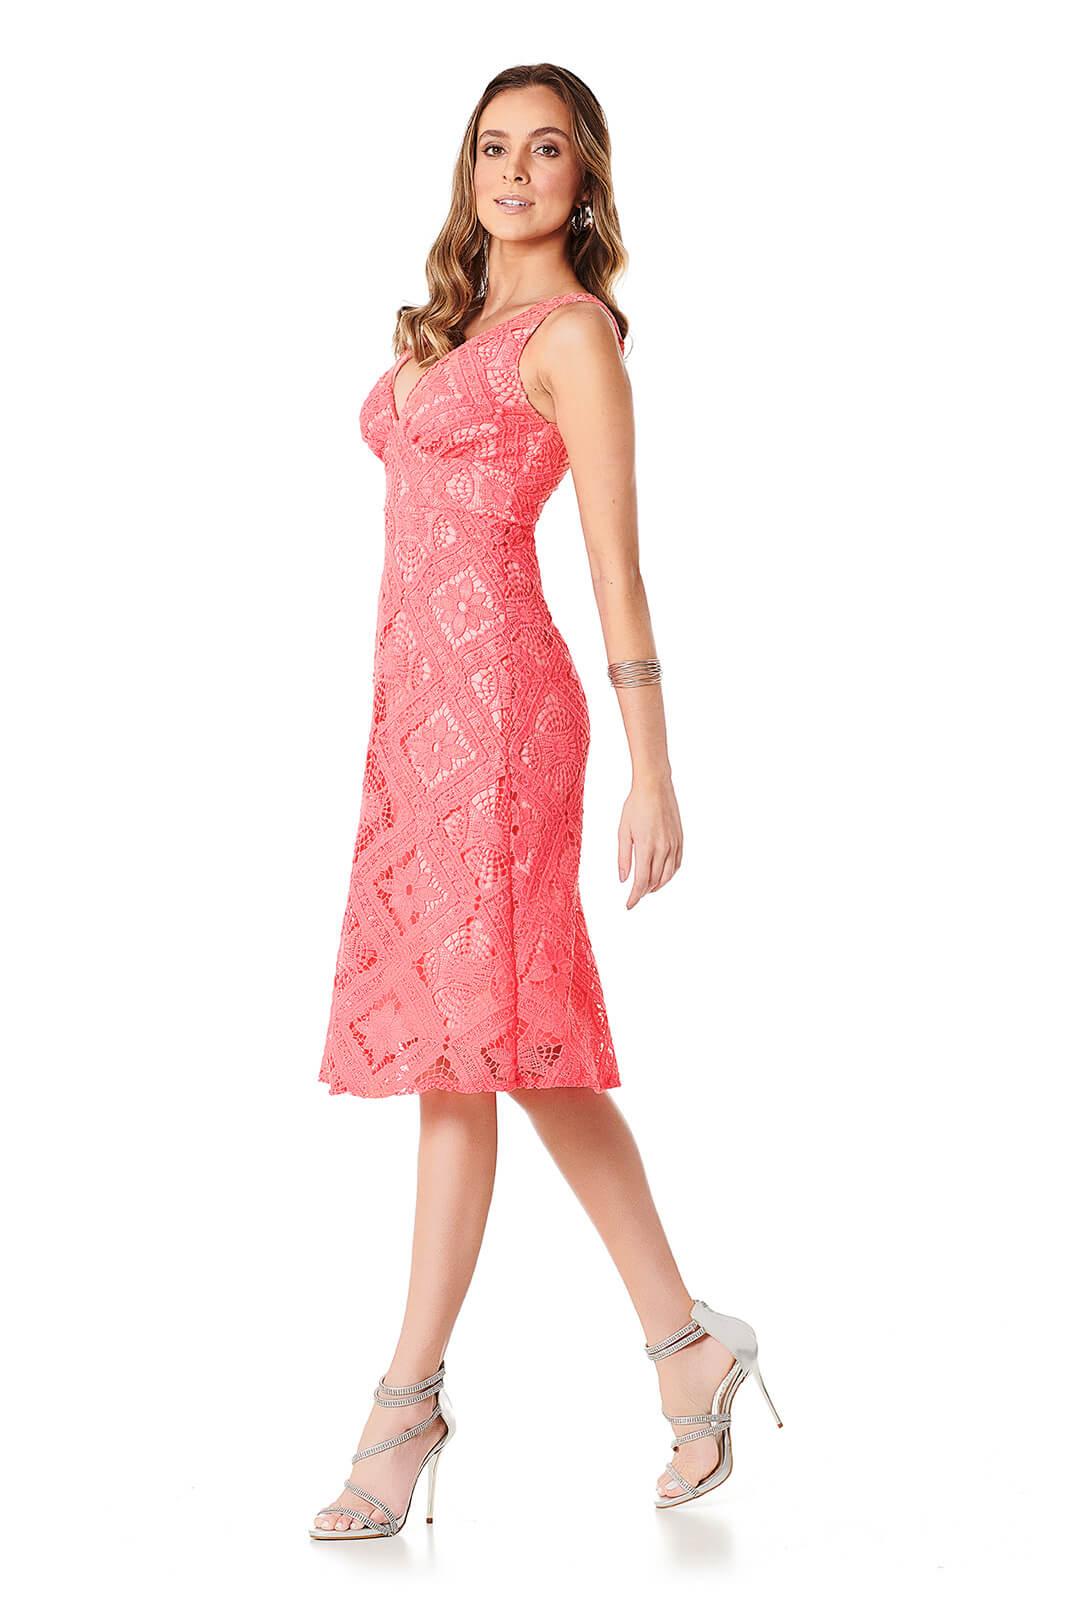 Vestido Guipir Quadriculado Coral